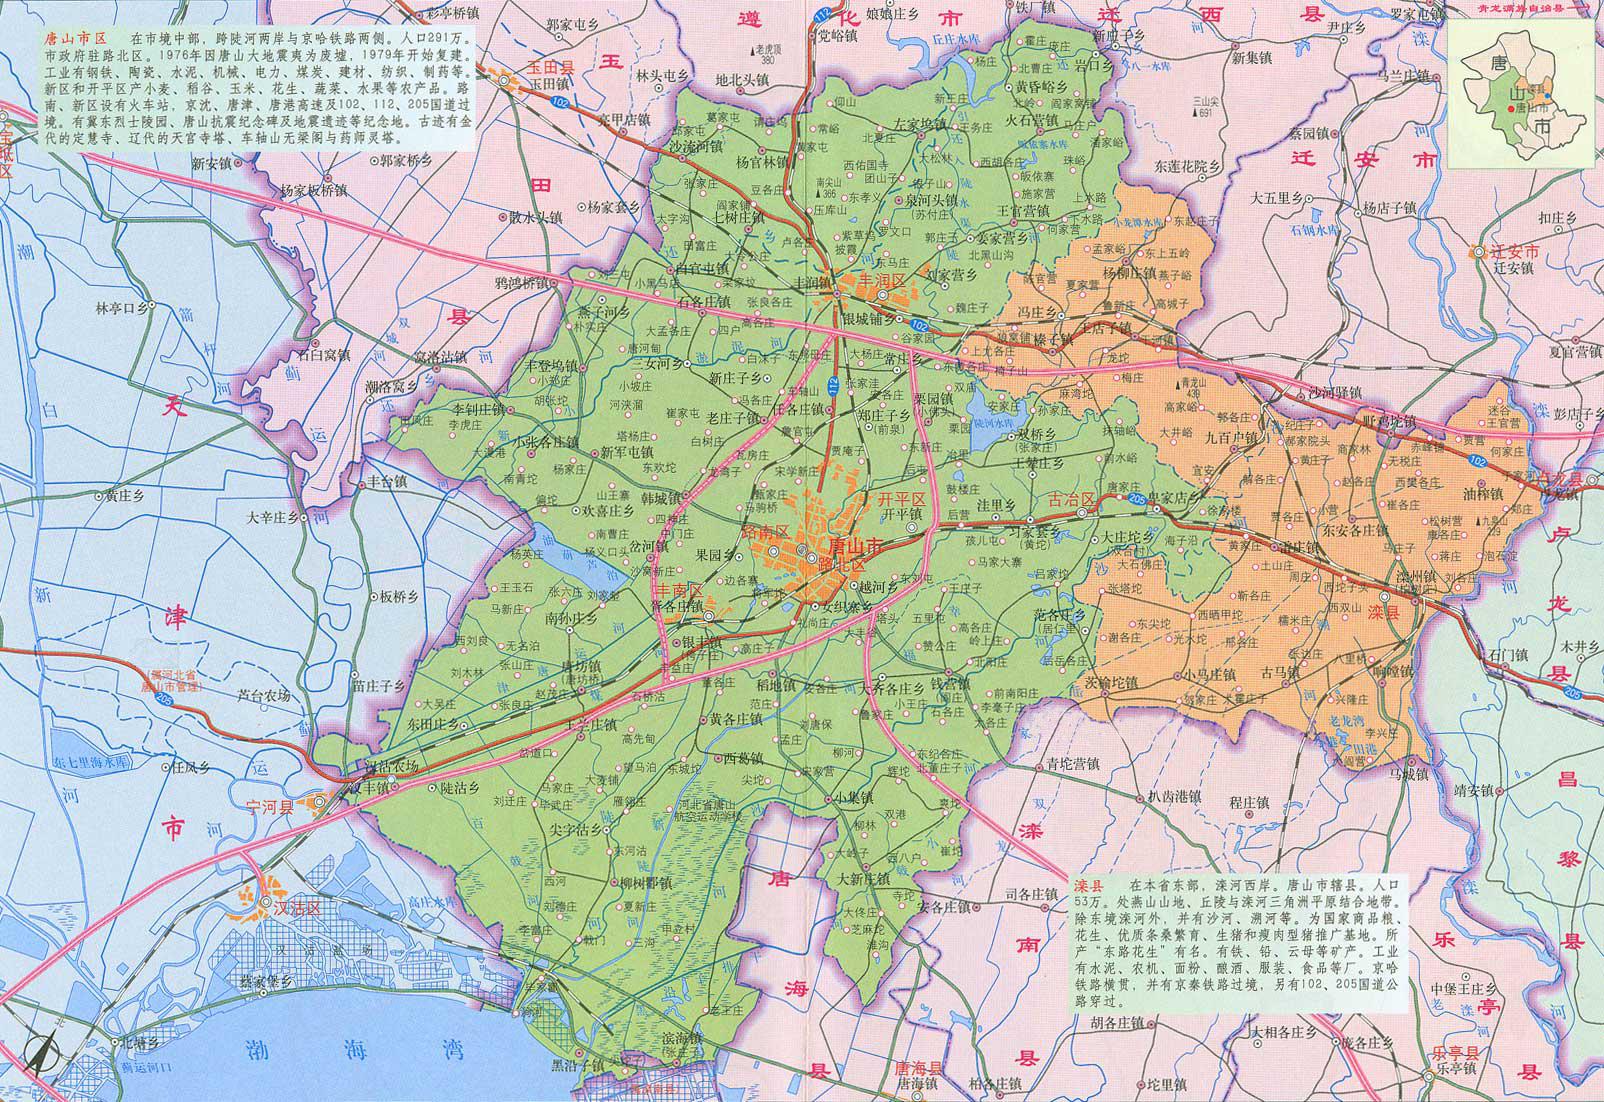 查字典地理网 地图 亚洲 中国 华北地区 河北